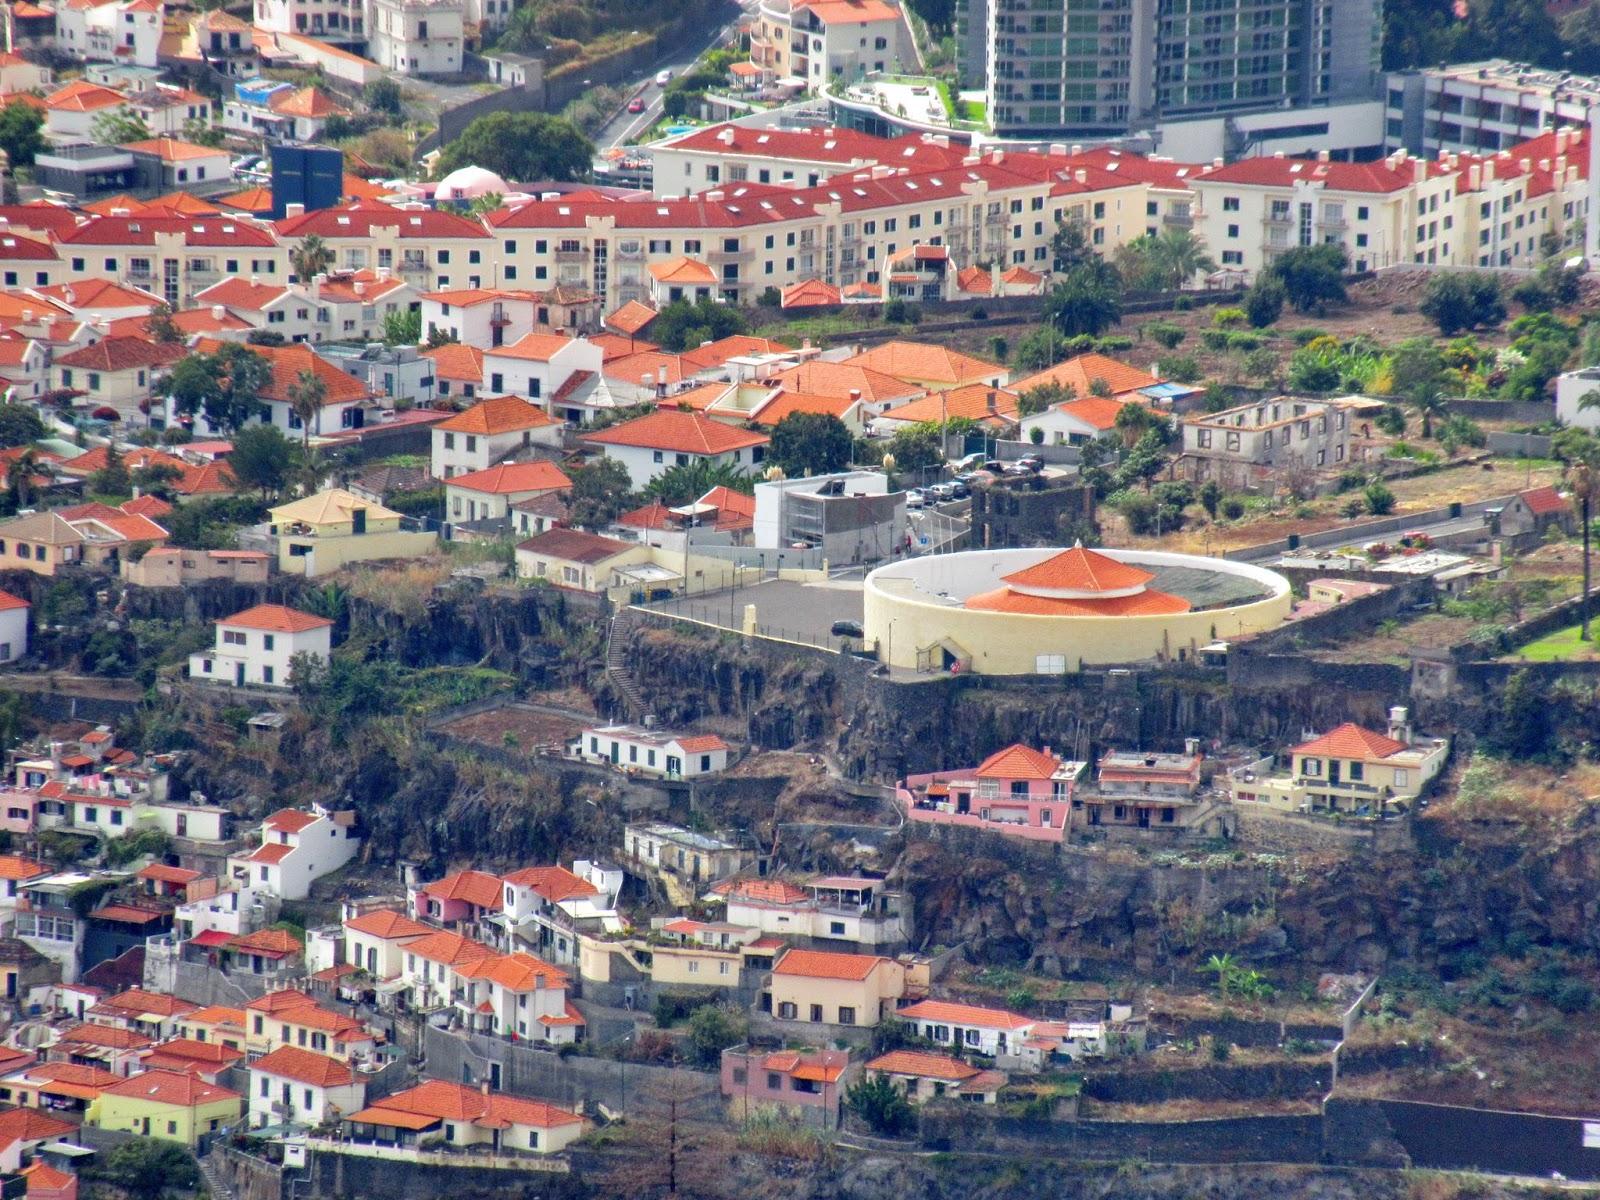 o Paiol do Funchal